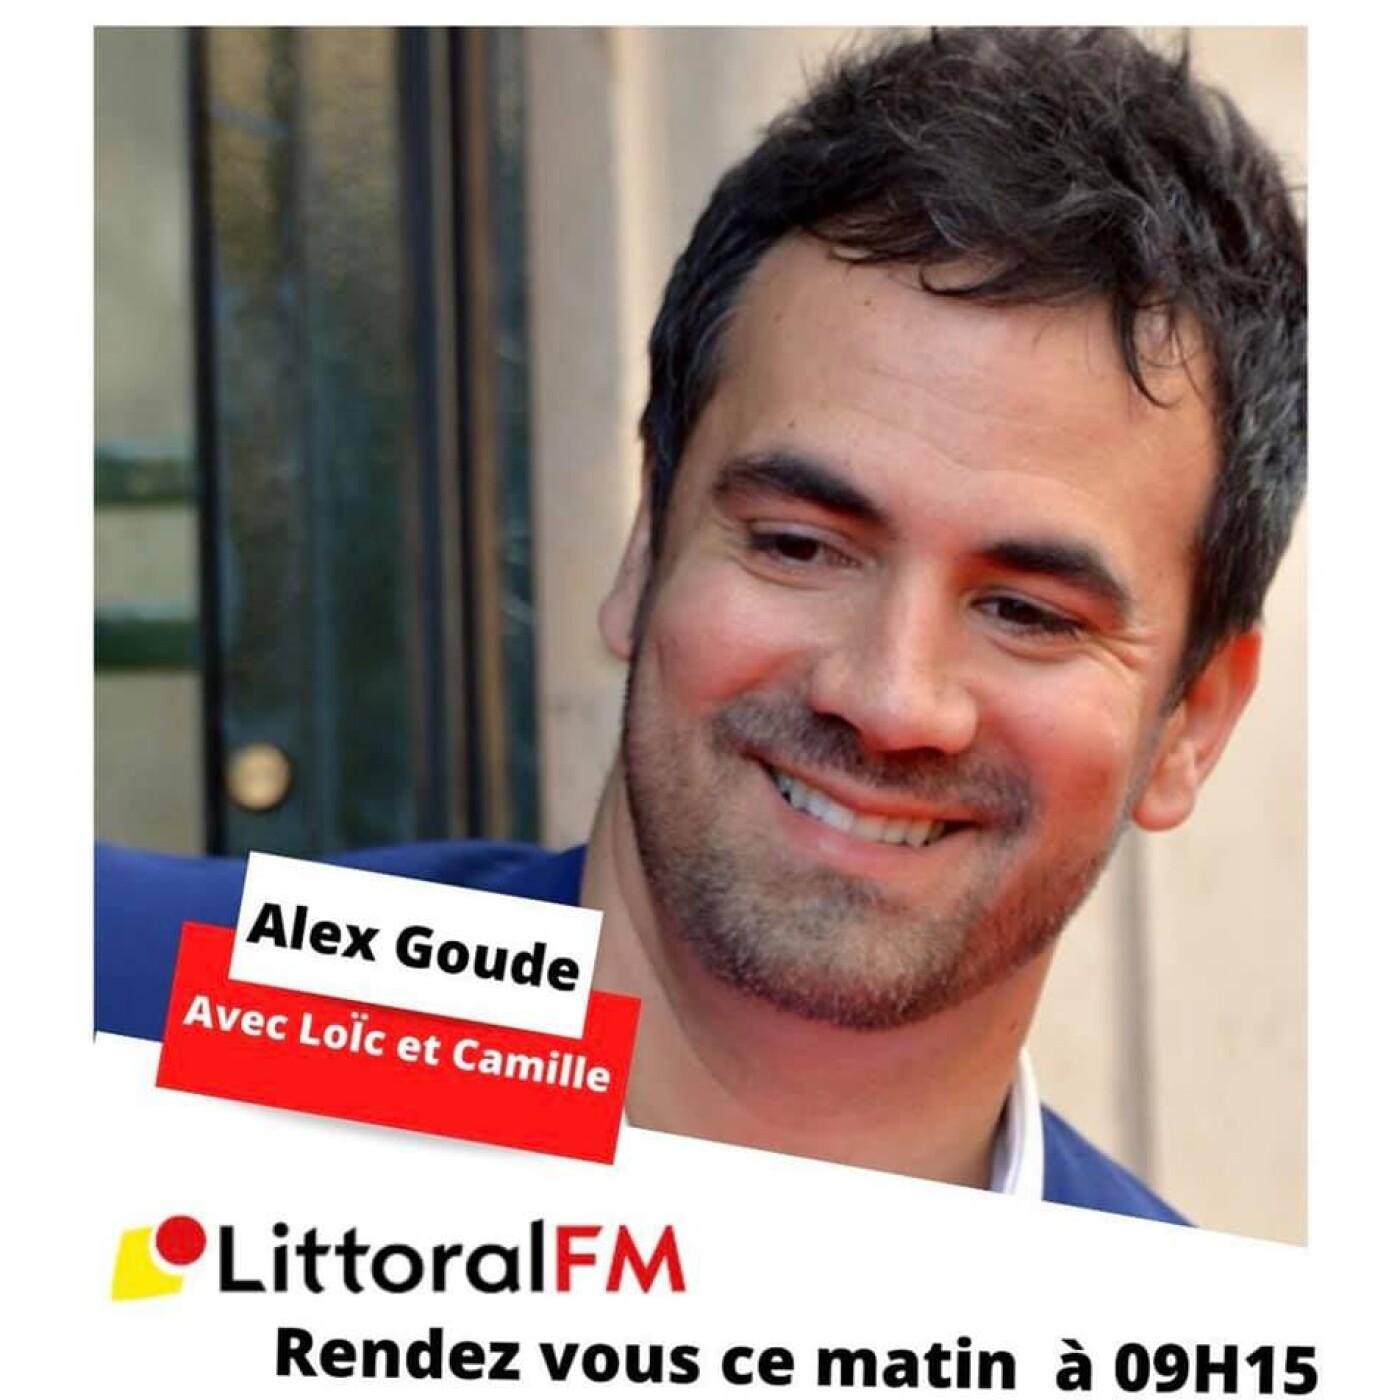 Alex Goude sur Littoral FM